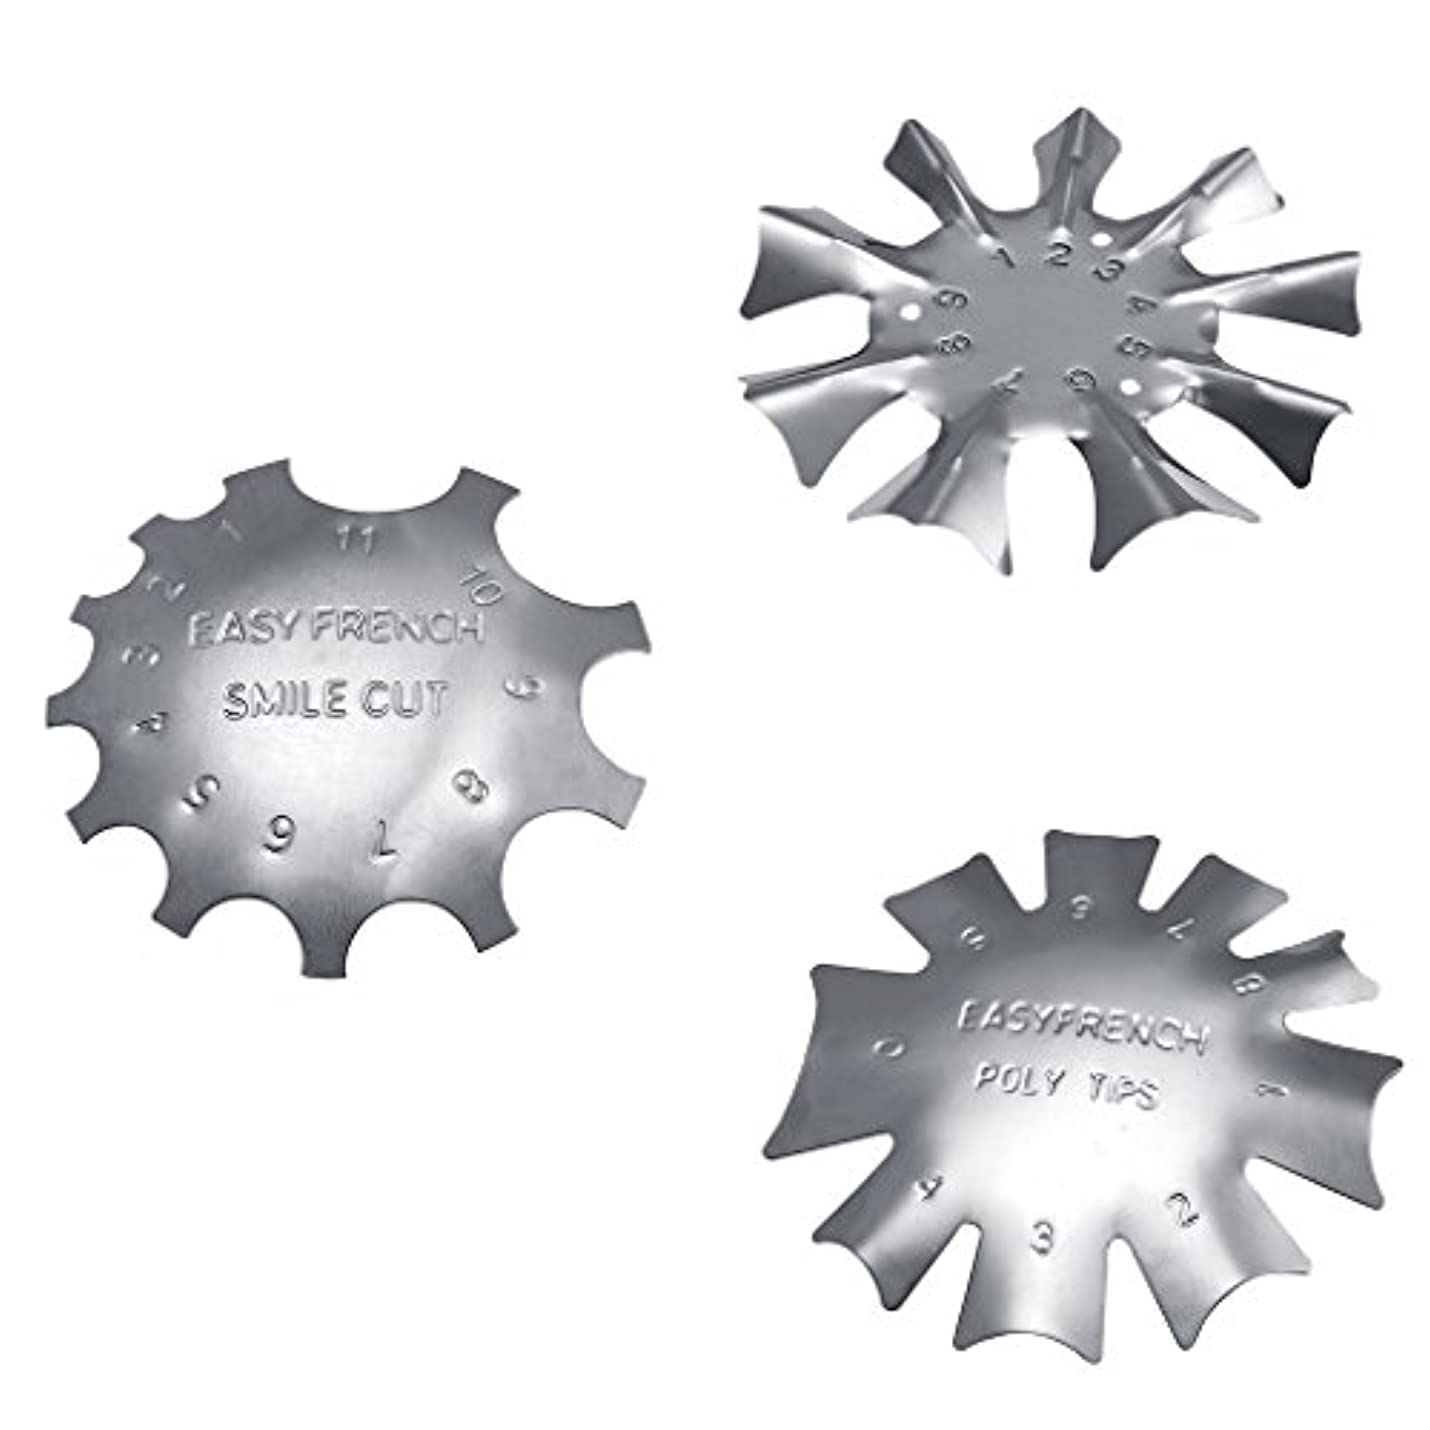 手段既に費用Perfk フランス風 ネイルガイドツール 3タイプセット ネイルアート カットライントリマー 金属 ネイルテンプレート